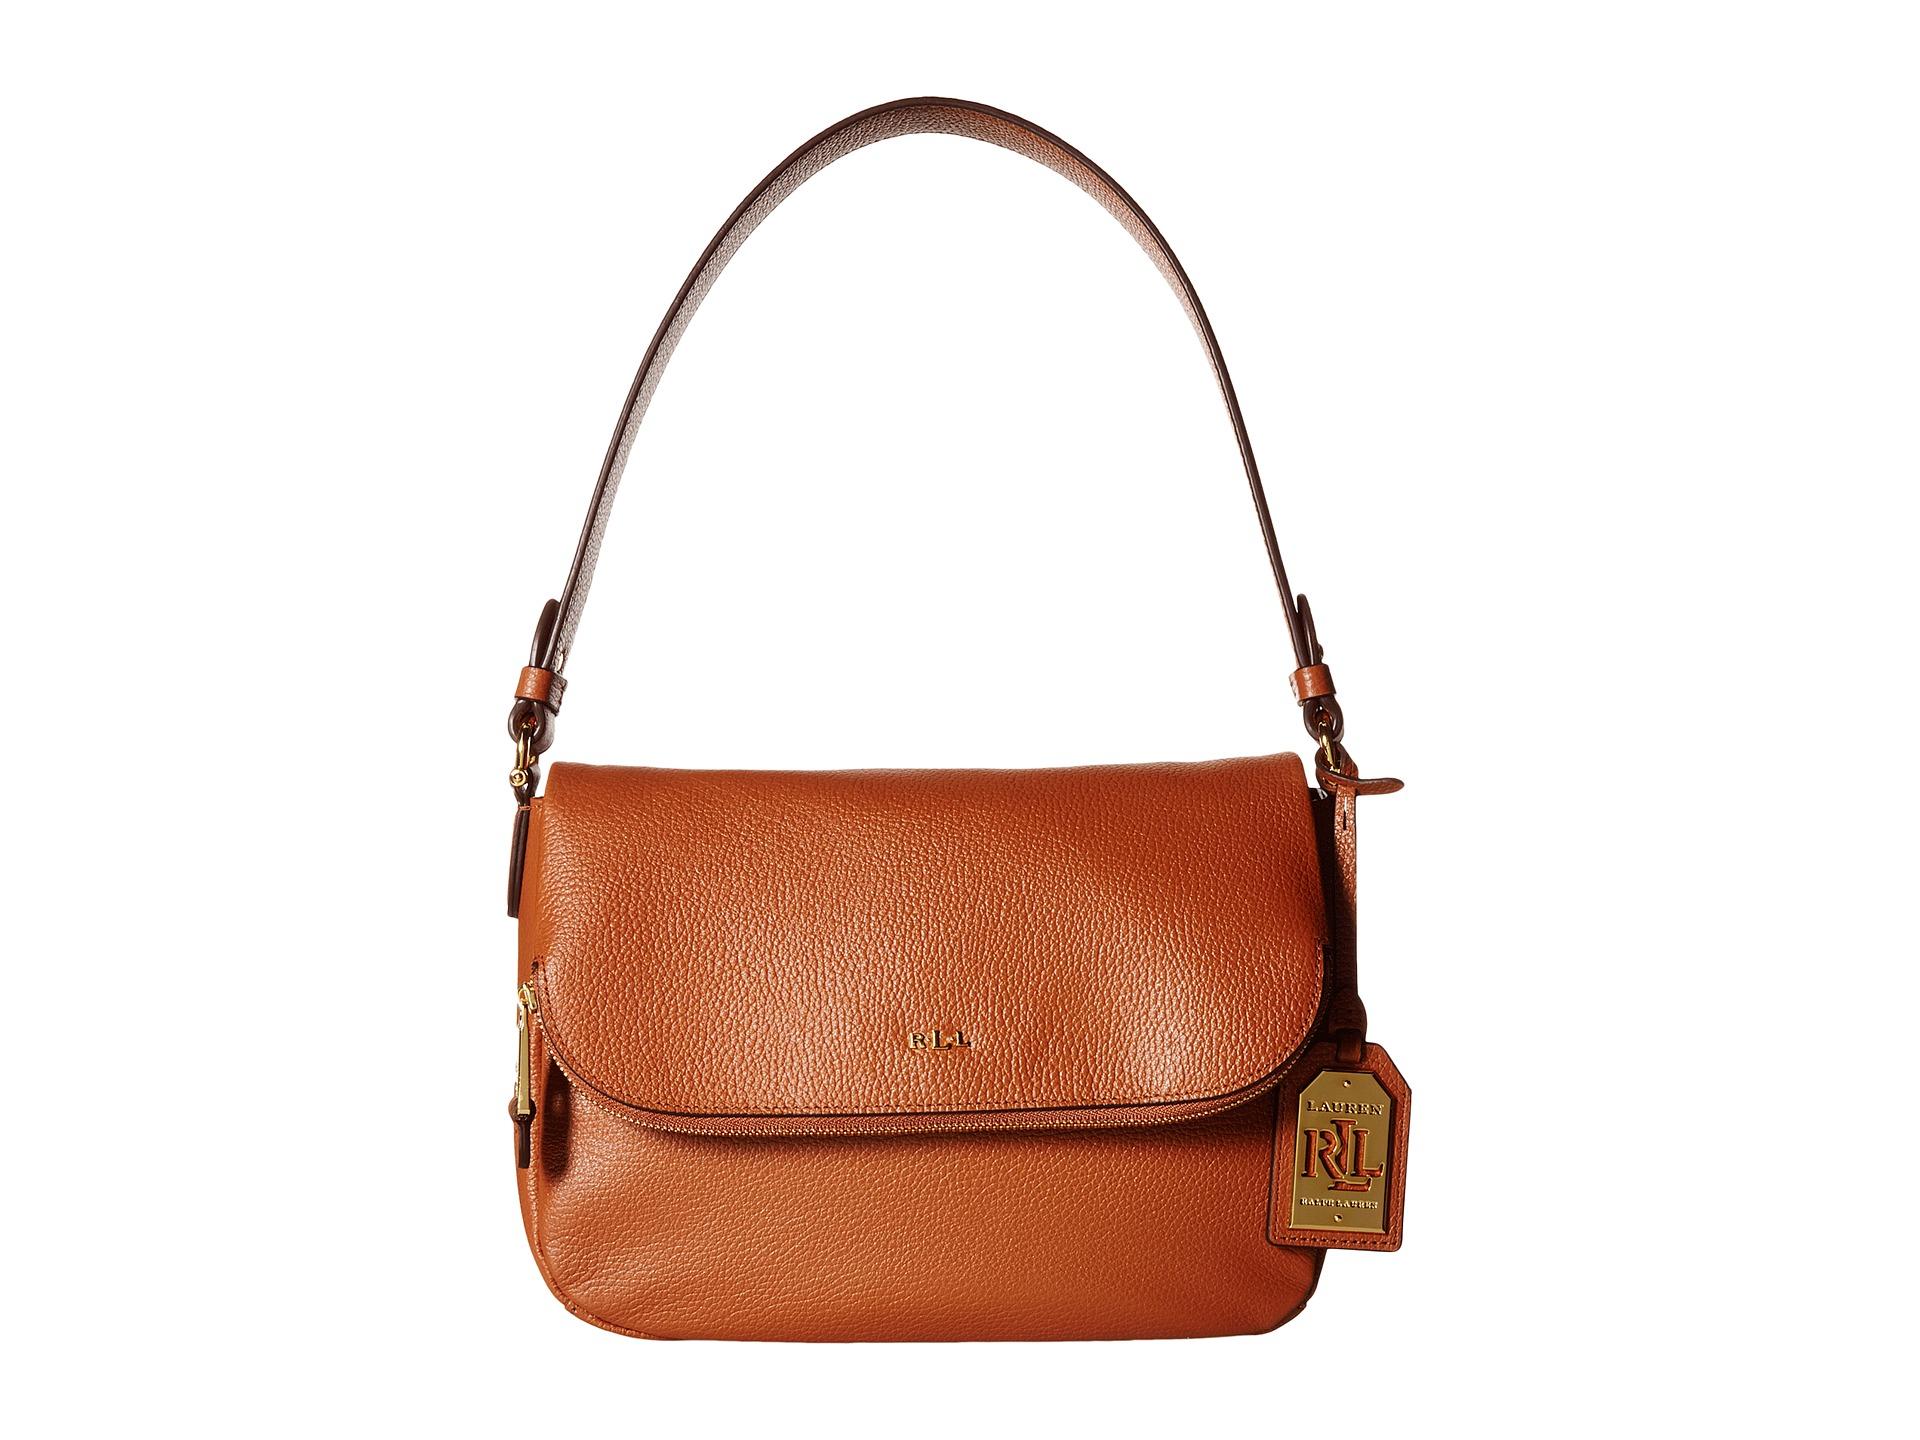 dc84a4177dbe Lyst - Lauren by Ralph Lauren Harrington Shoulder Bag in Brown